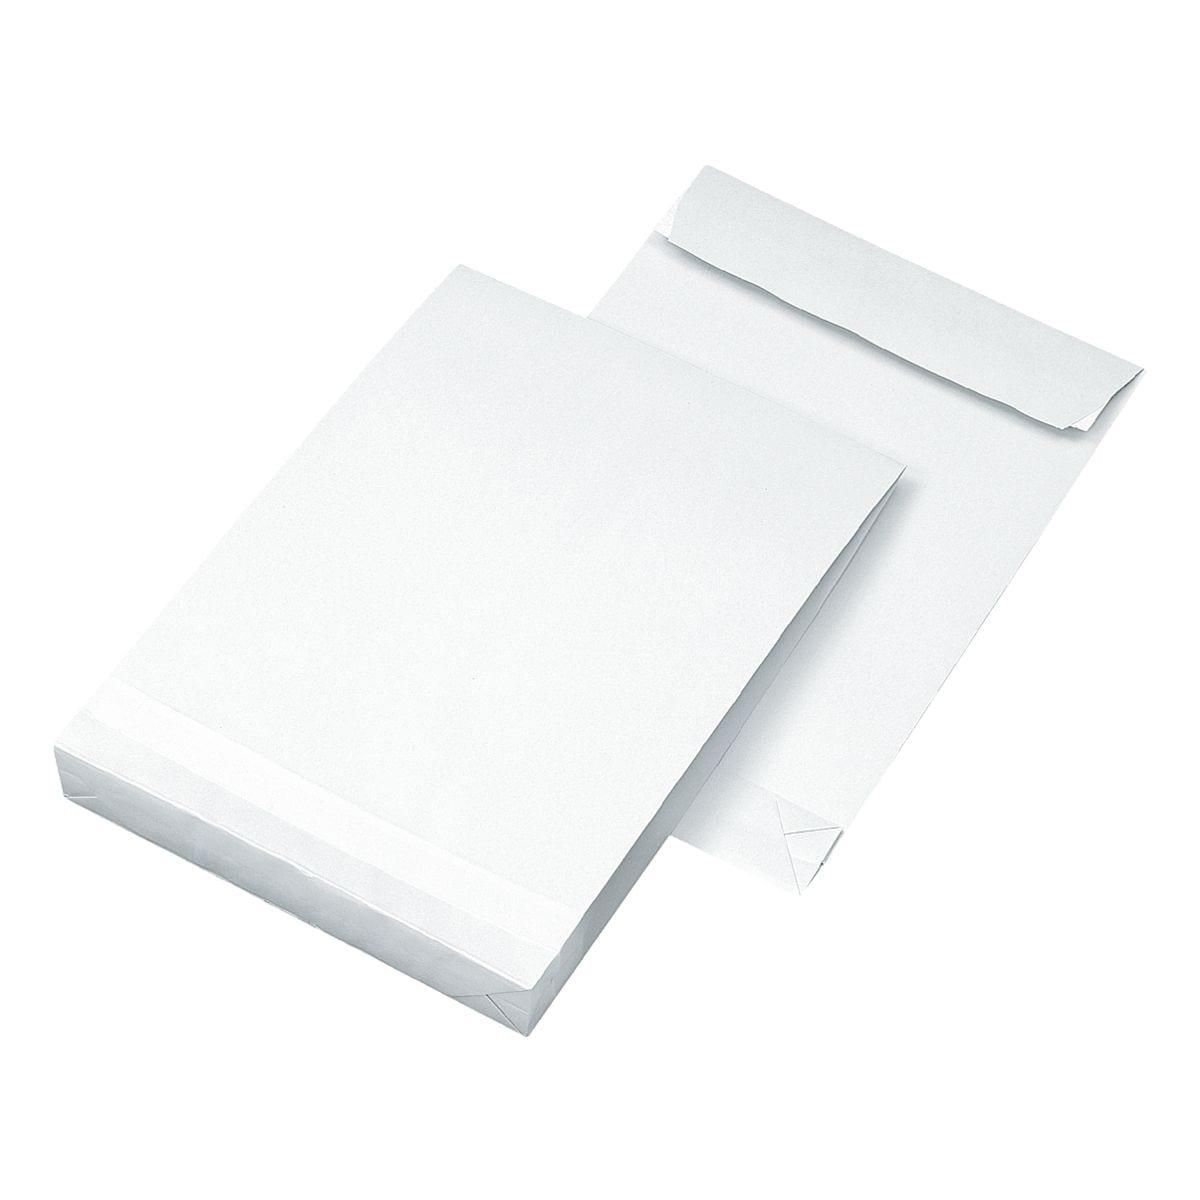 Mailmedia 25 Faltentaschen mit Steh-/Klotzboden, C4 120 g/m² ohne Fenster